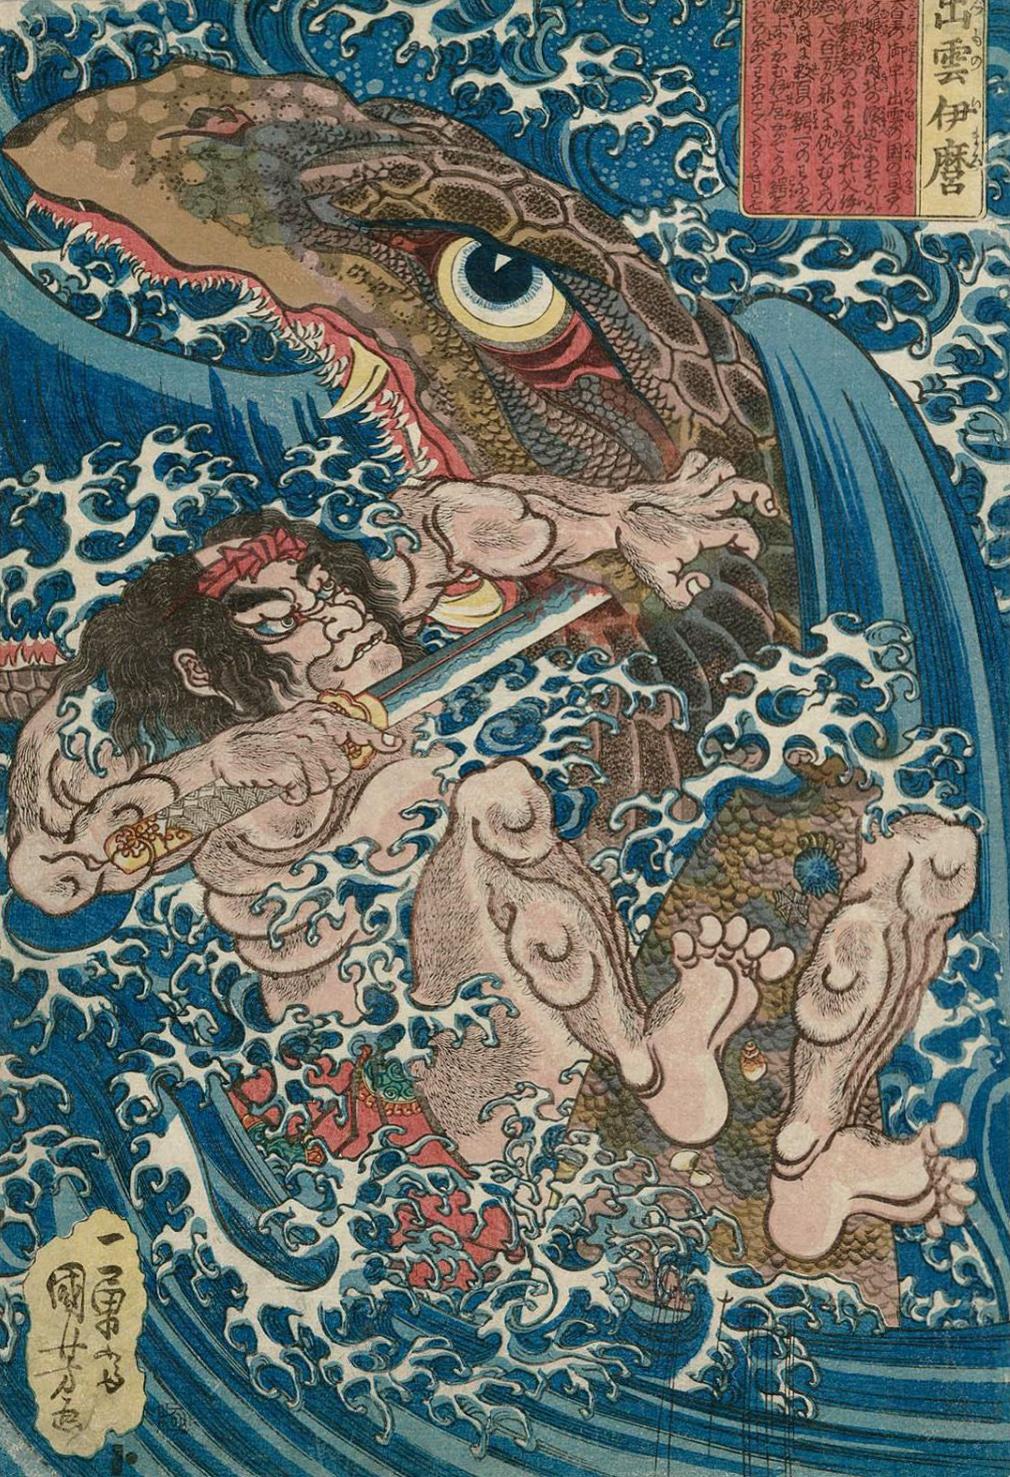 Utagawa Kuniyoshi - Izumo no Imaro, 1834-35